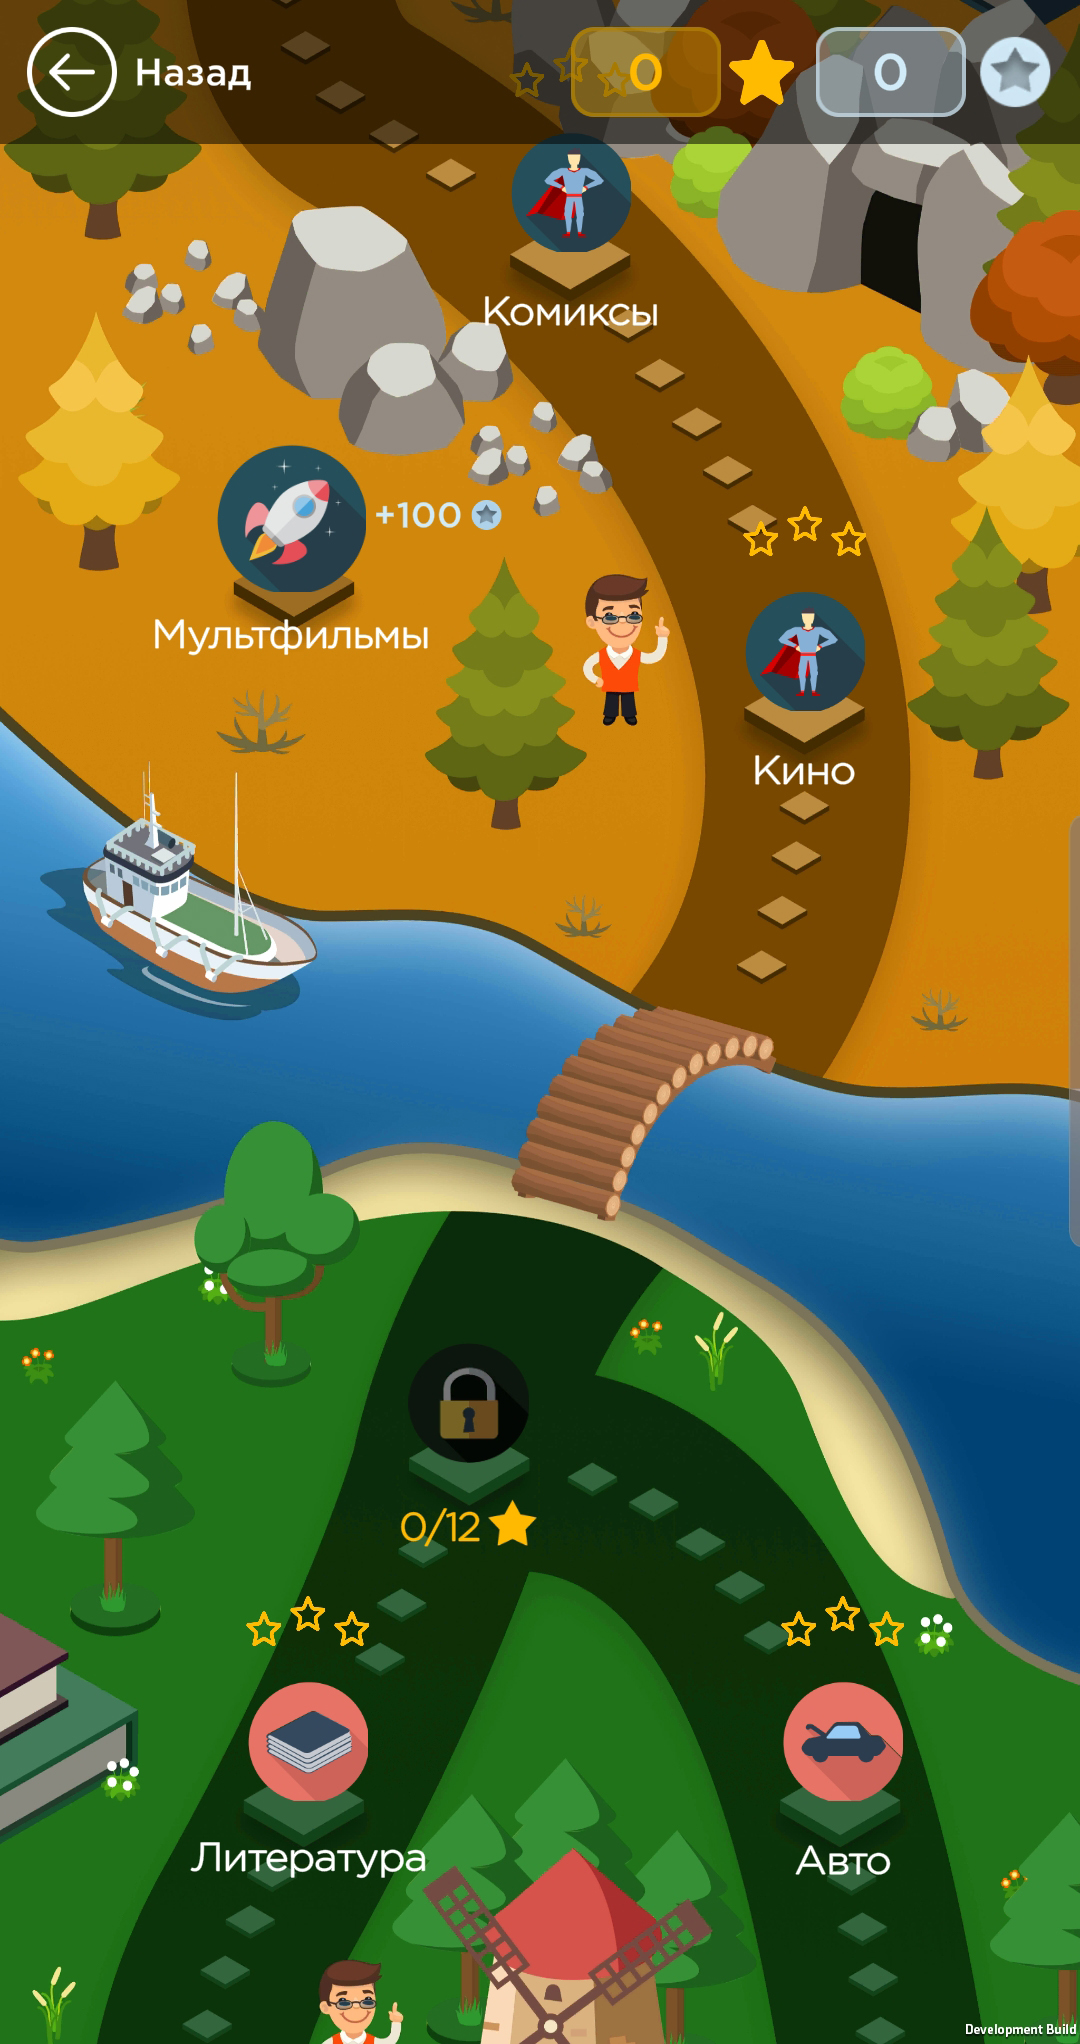 Викторина Quizza - интеллектуальная мобильная игра